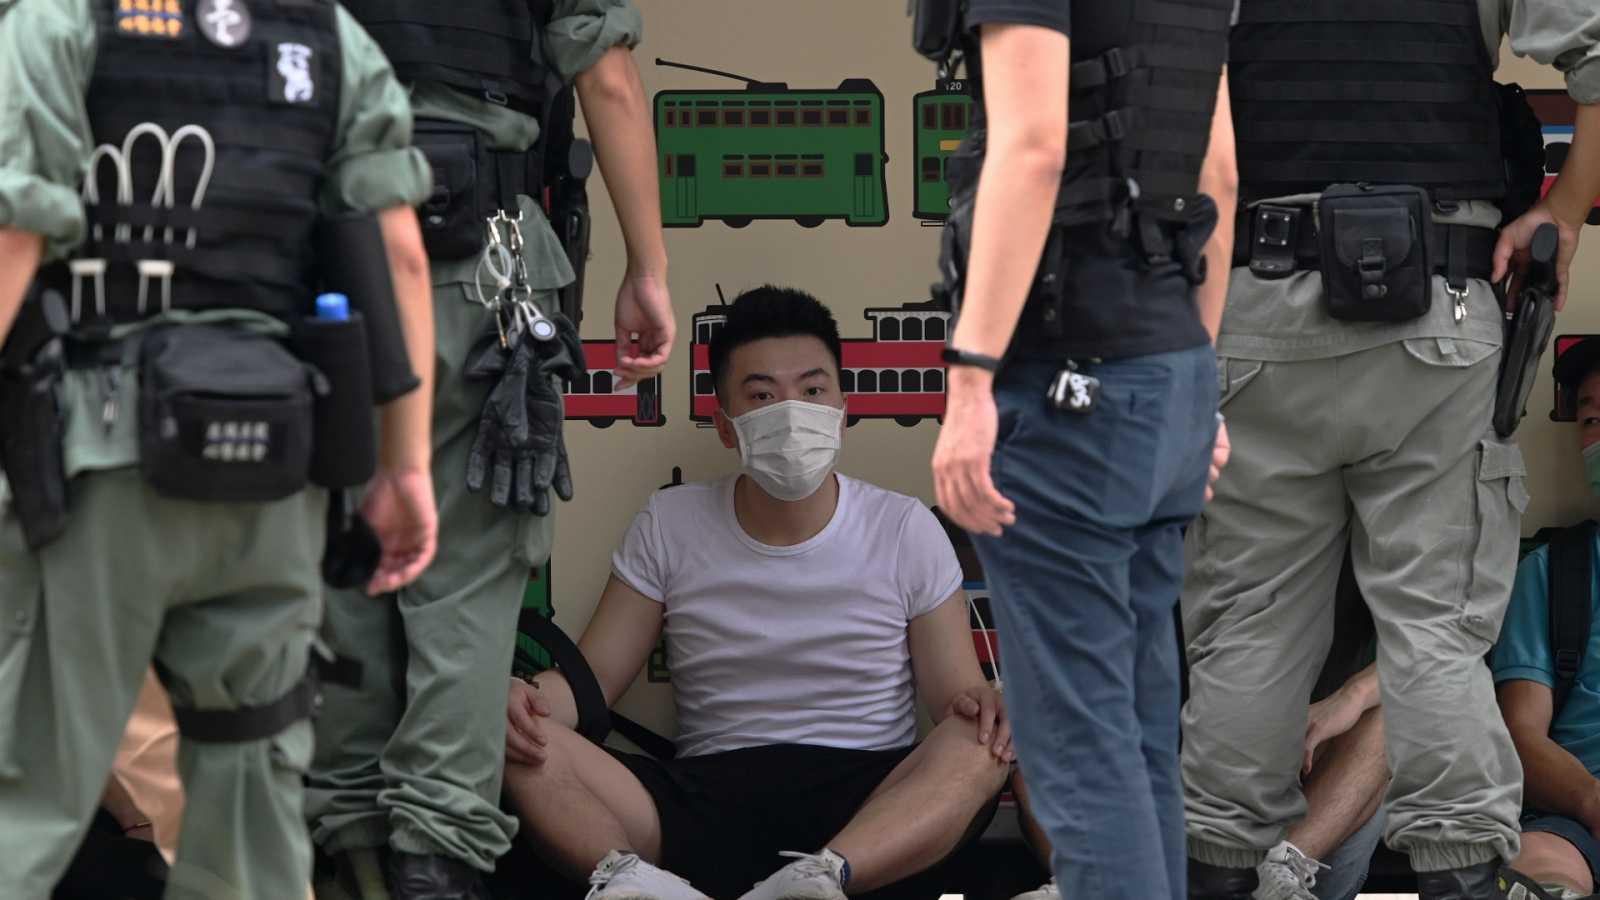 14 horas - Primeros detenidos en Hong Kong tras la aplicación de la nueva Ley de Seguridad Nacional impuesta por Pekín - Escuhar ahora